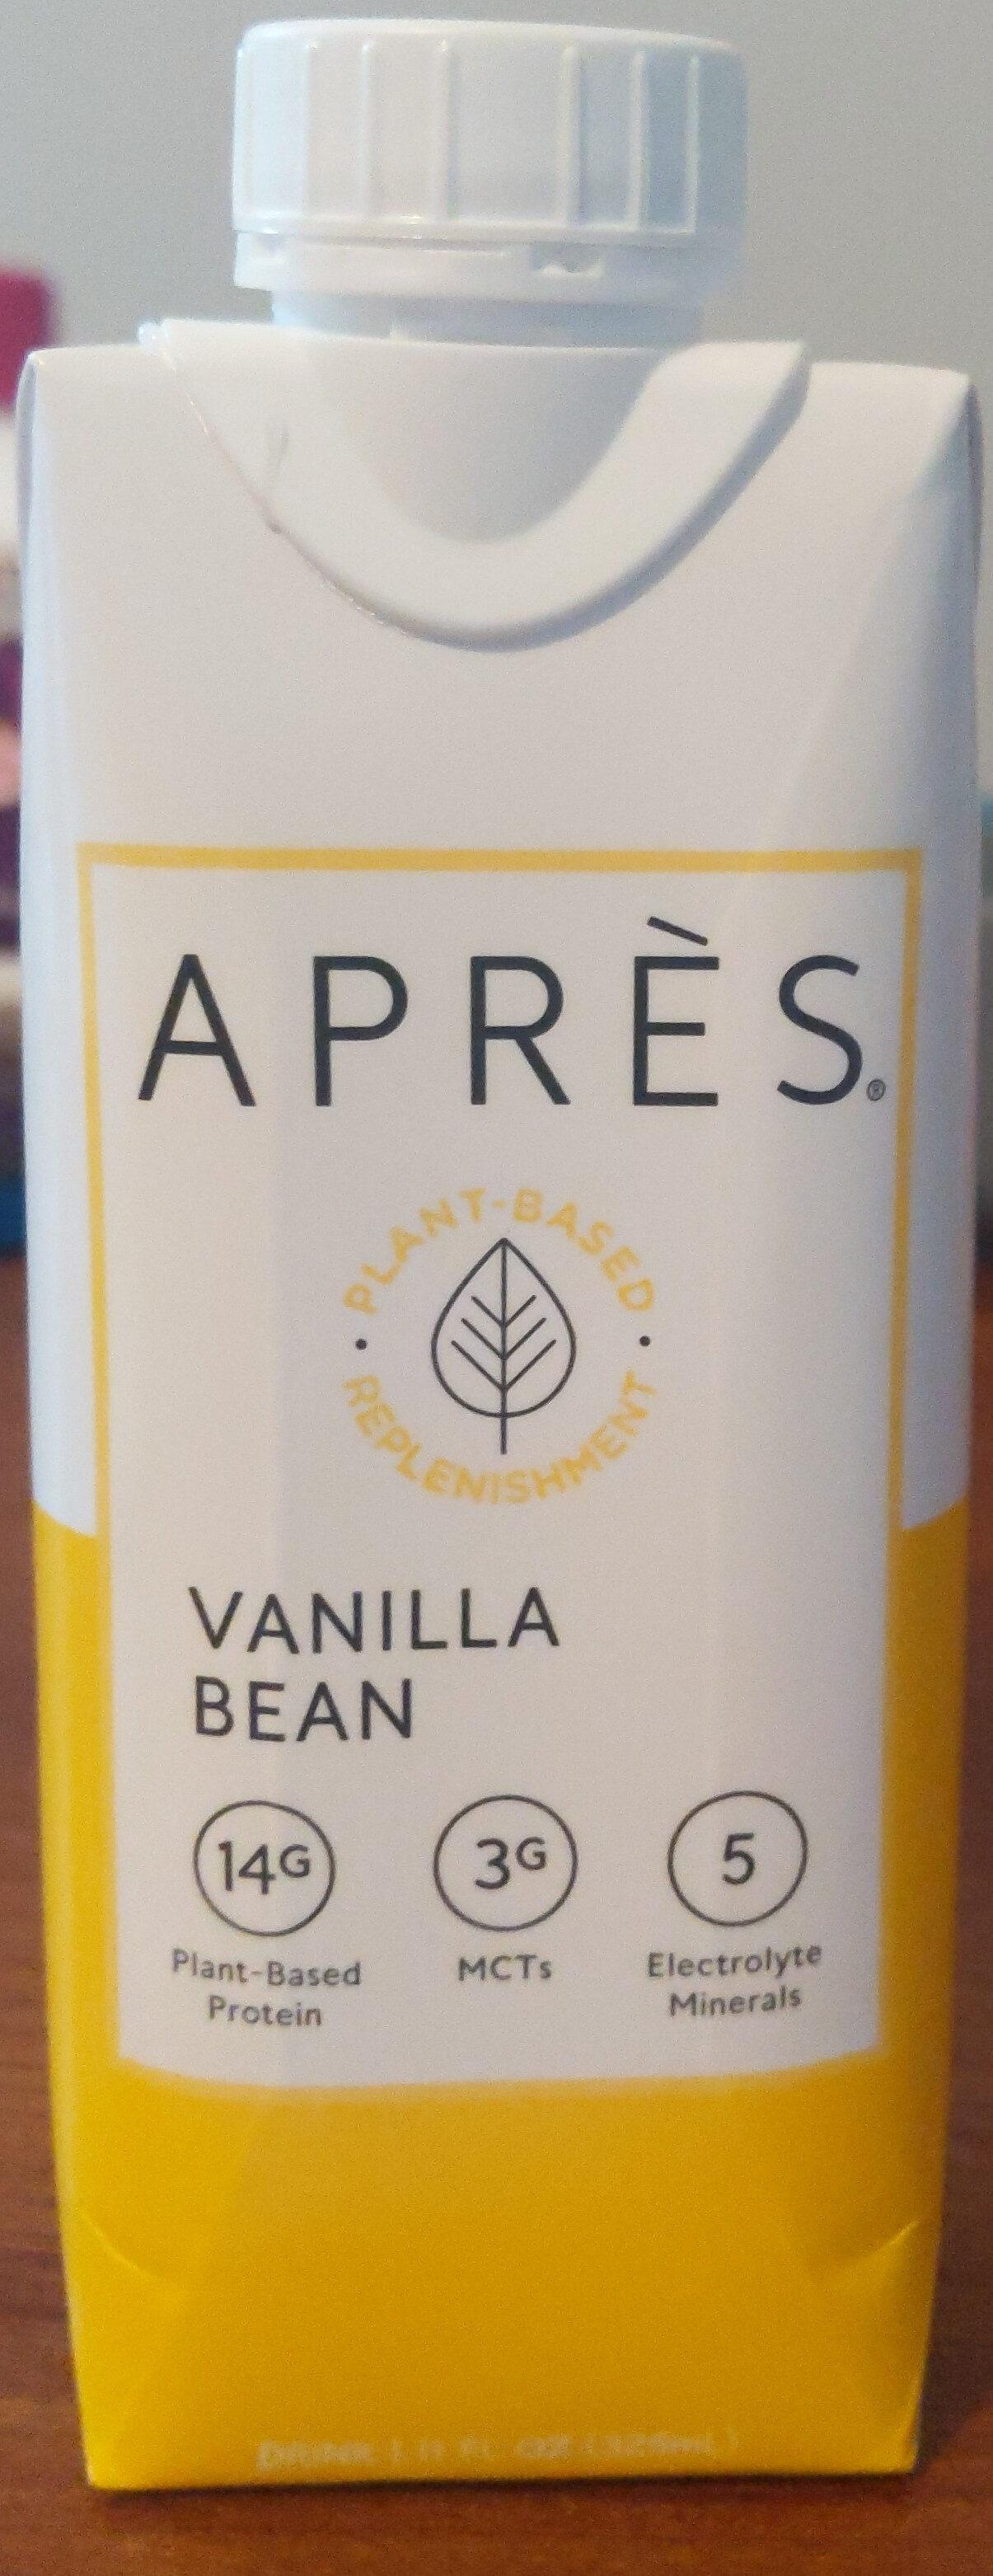 APRÈS Vanilla Bean - Product - en